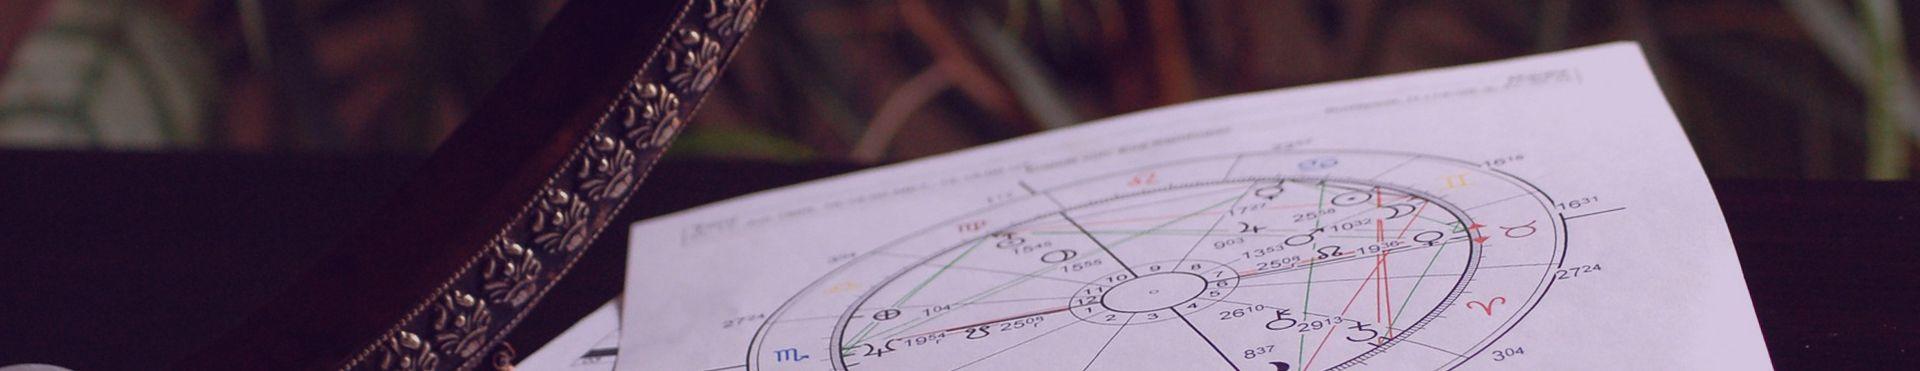 Photographie d'un thème astral utilisé pour la guidance astrologique